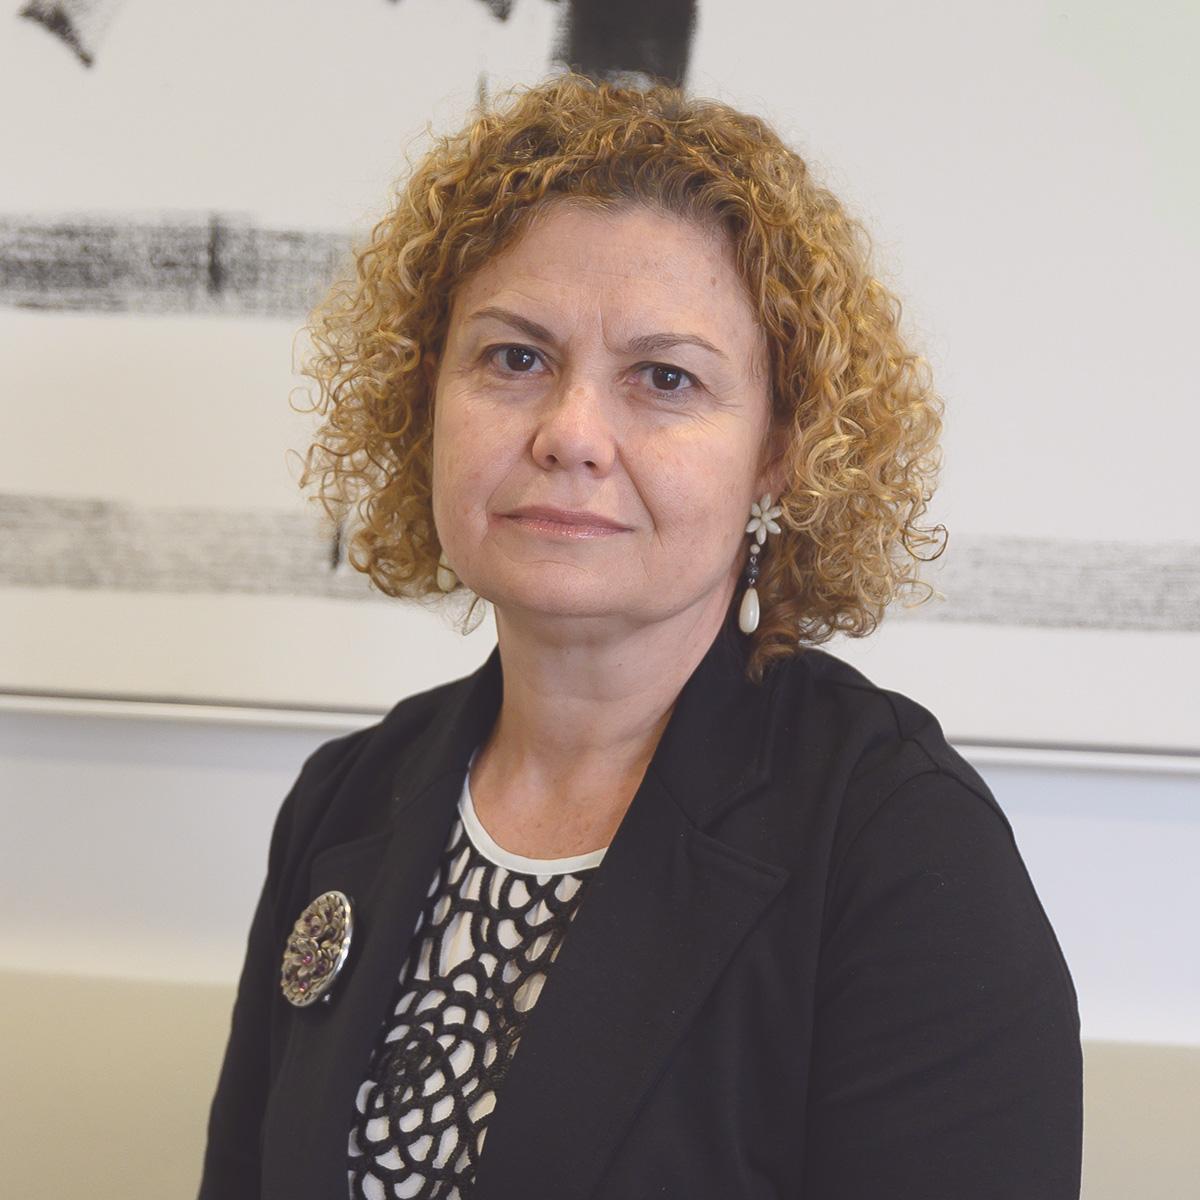 María Emilia Adán García